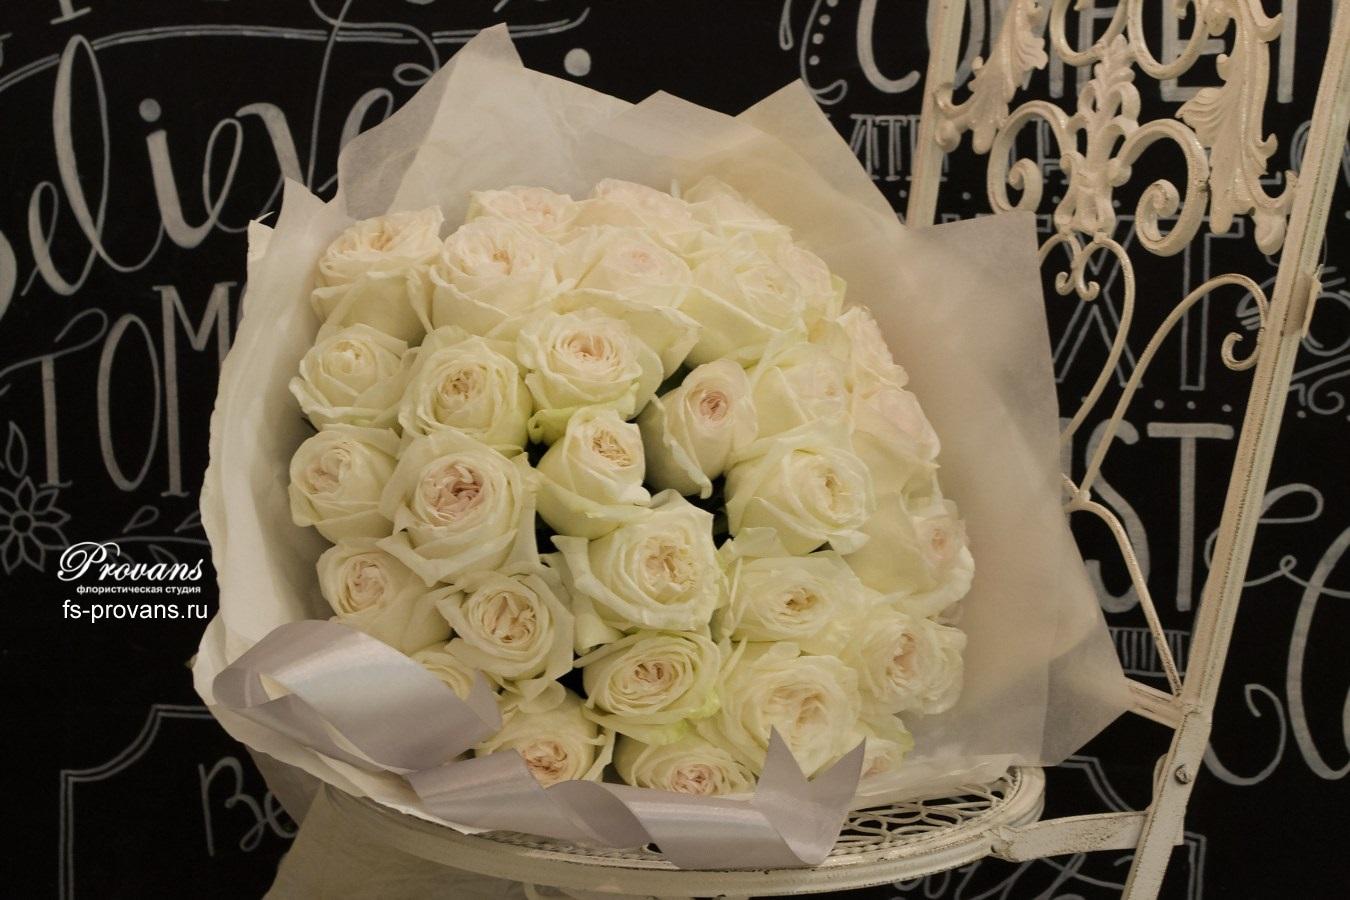 Букет на день рождения. Ароматные розы